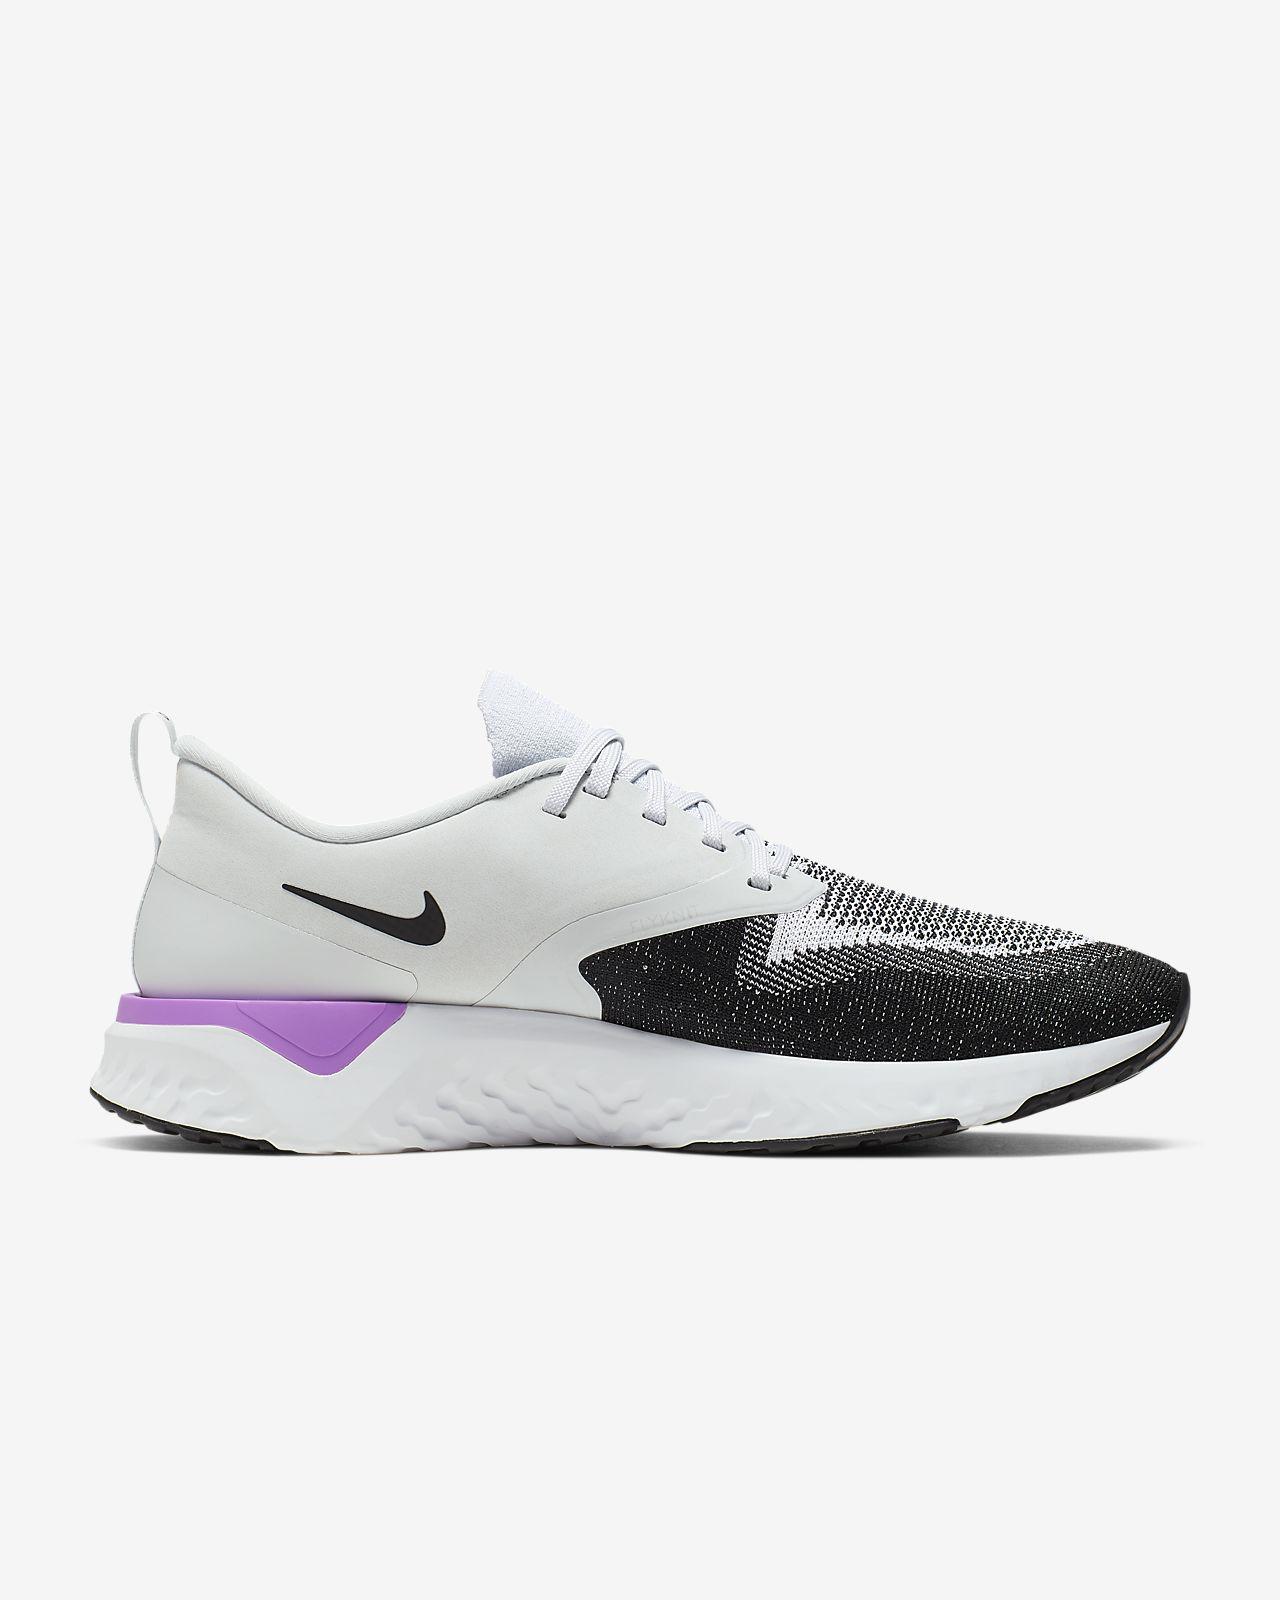 Nike Epic React Flyknit 2 Damen Laufschuh whiteblack pure